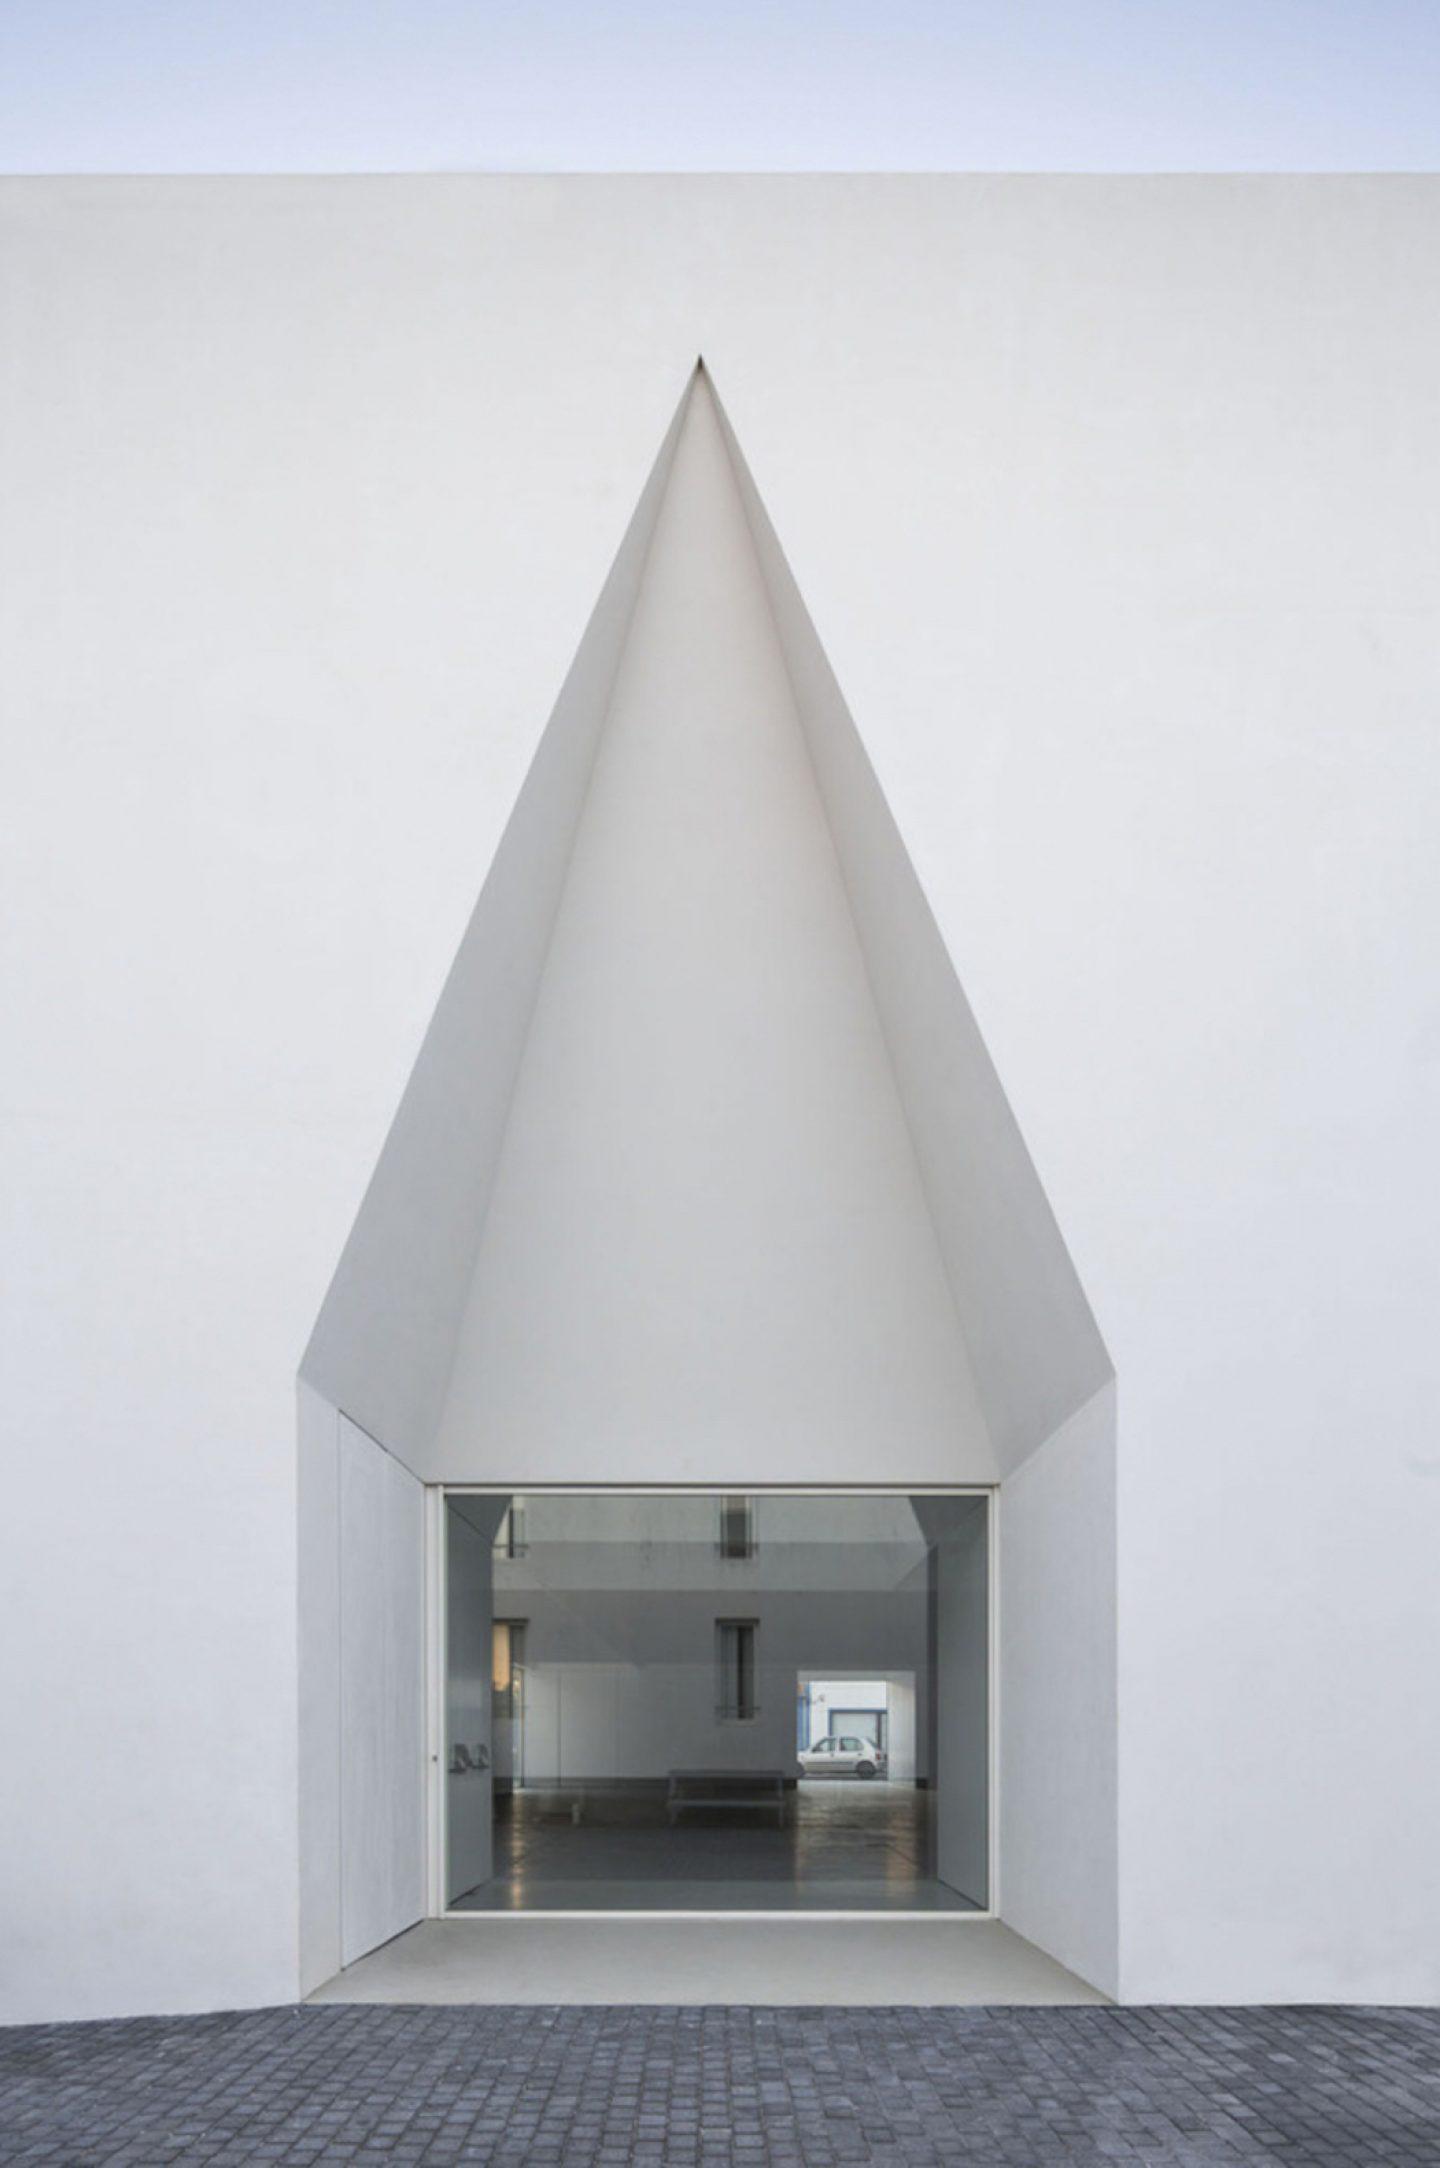 iGNANT_Architecture_Aires_Mateus_Monolithic_Meeting_Center_Grandola_01